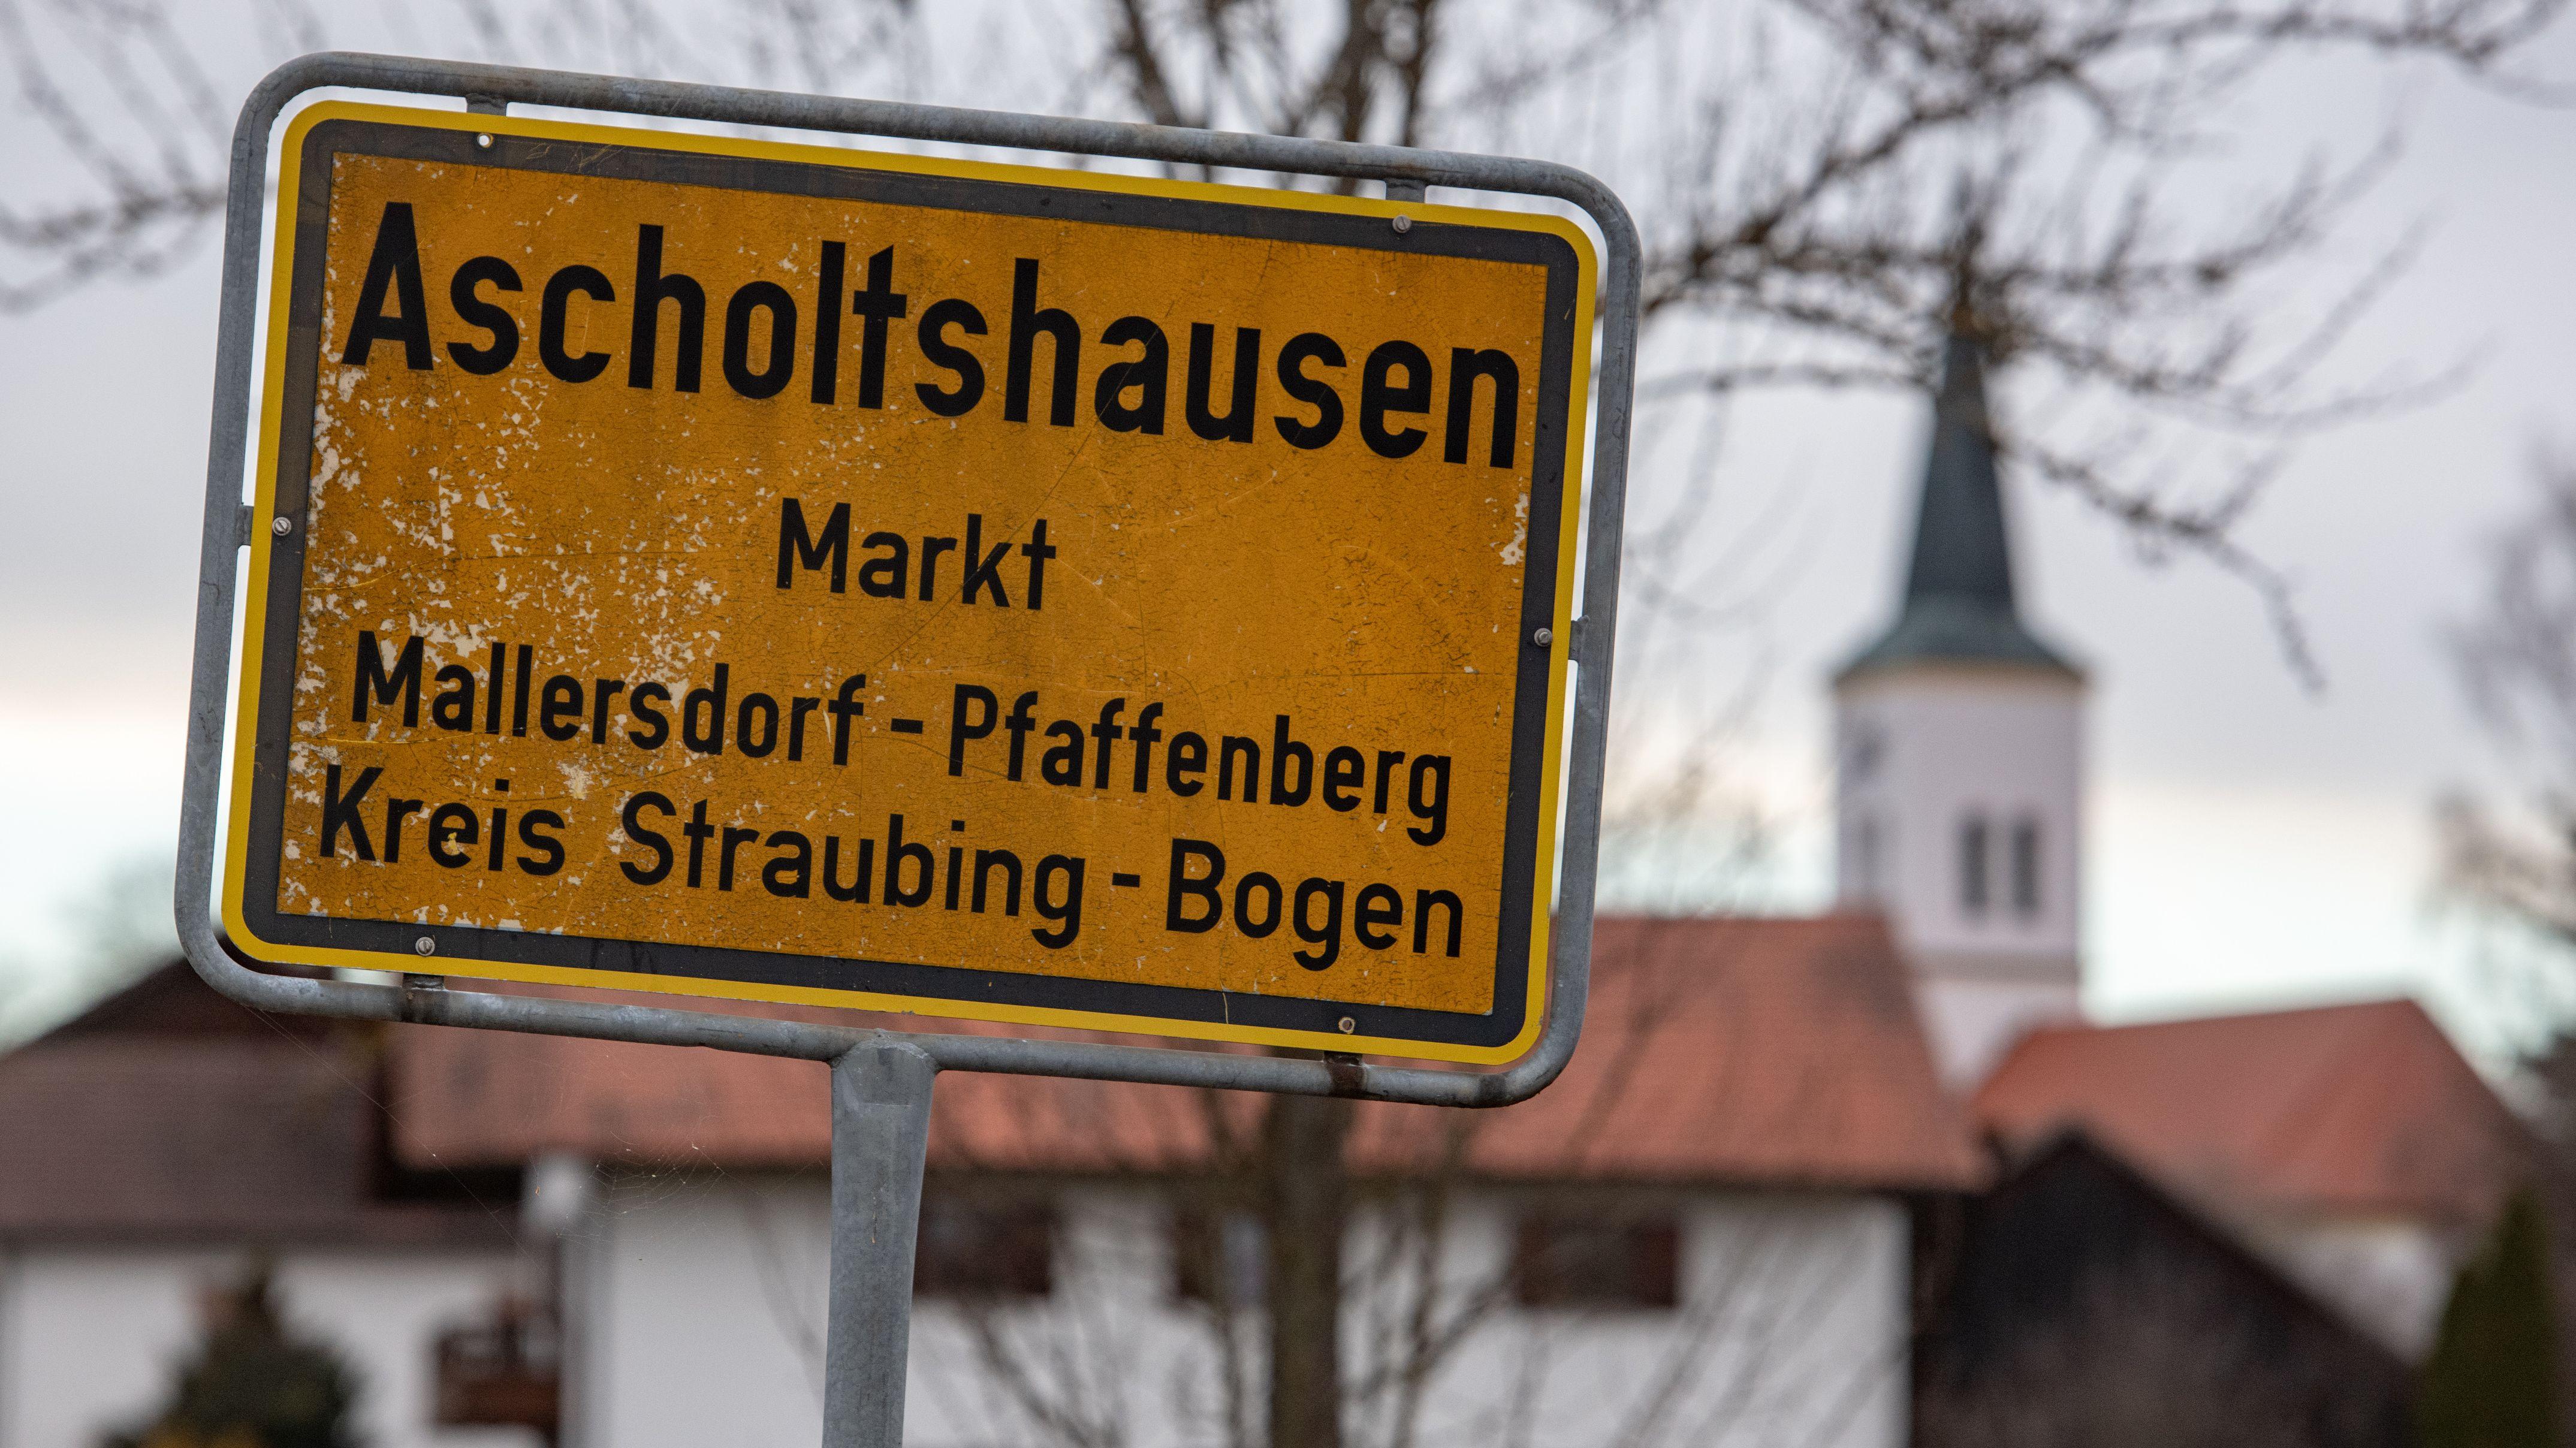 Ascholtshausen im Landkreis Straubing-Bogen. Hier hat sich im März die Familientragödie ereignet.